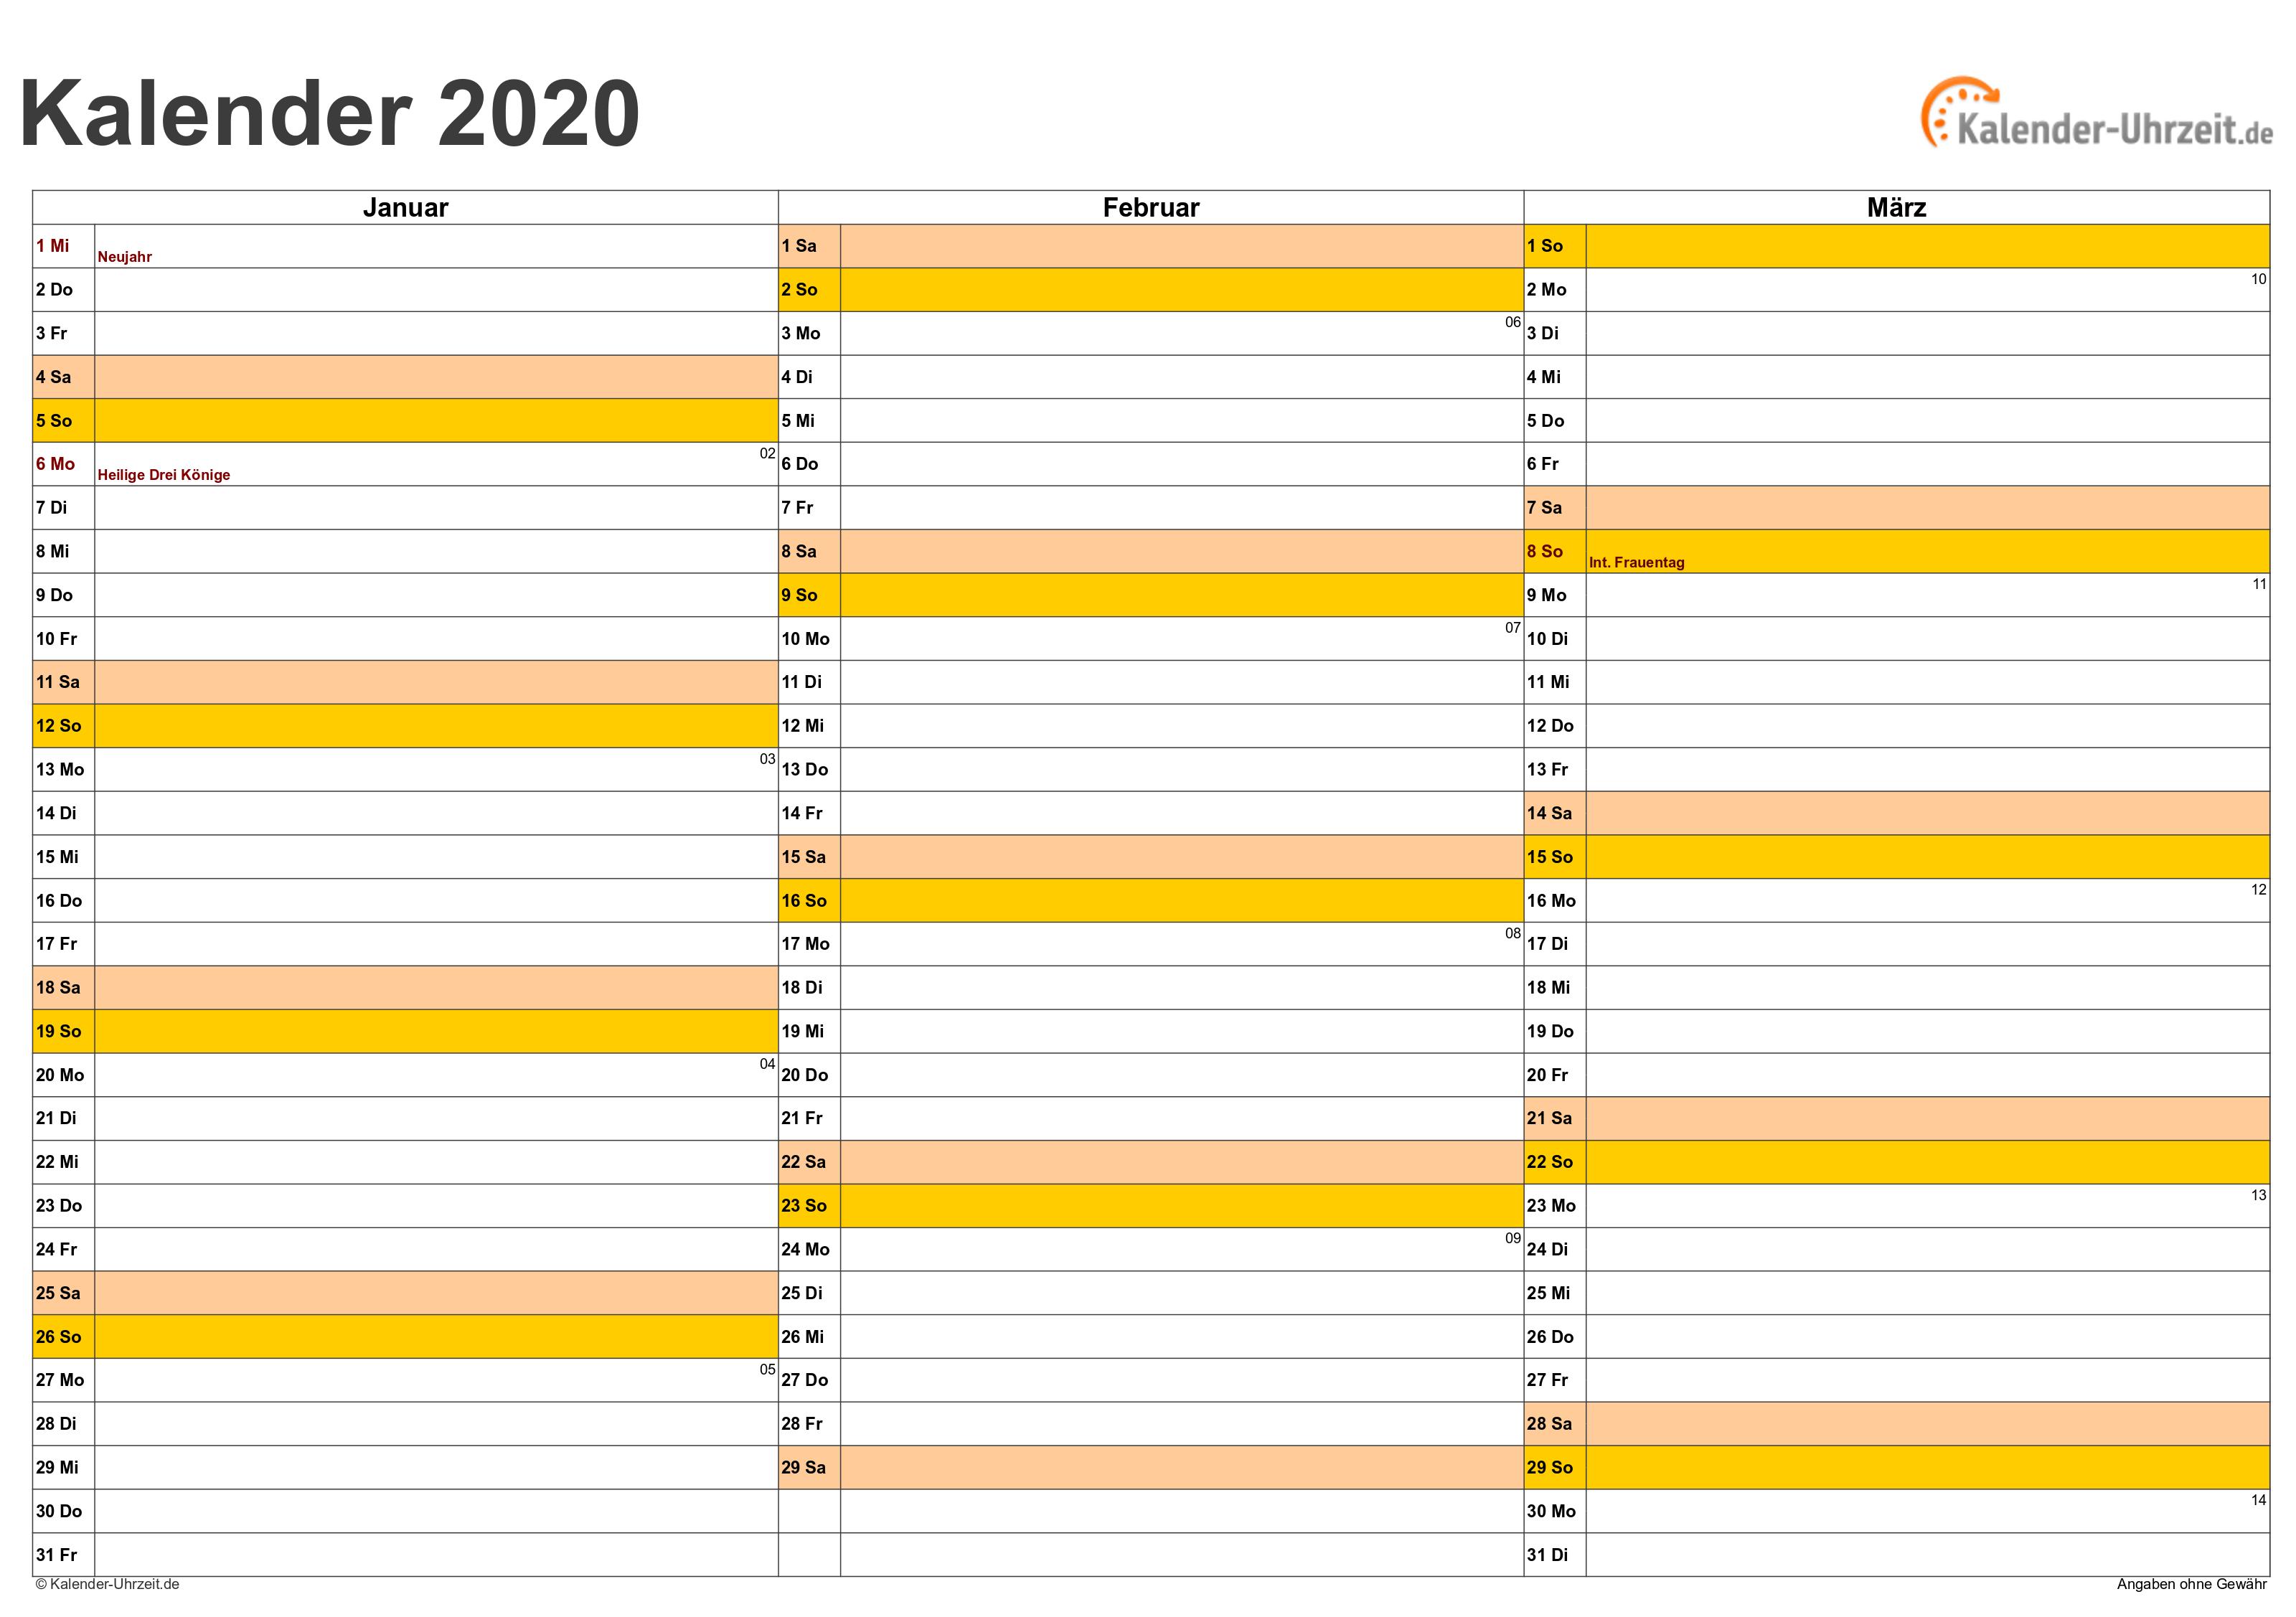 Kalender 2020 Zum Ausdrucken Kostenlos